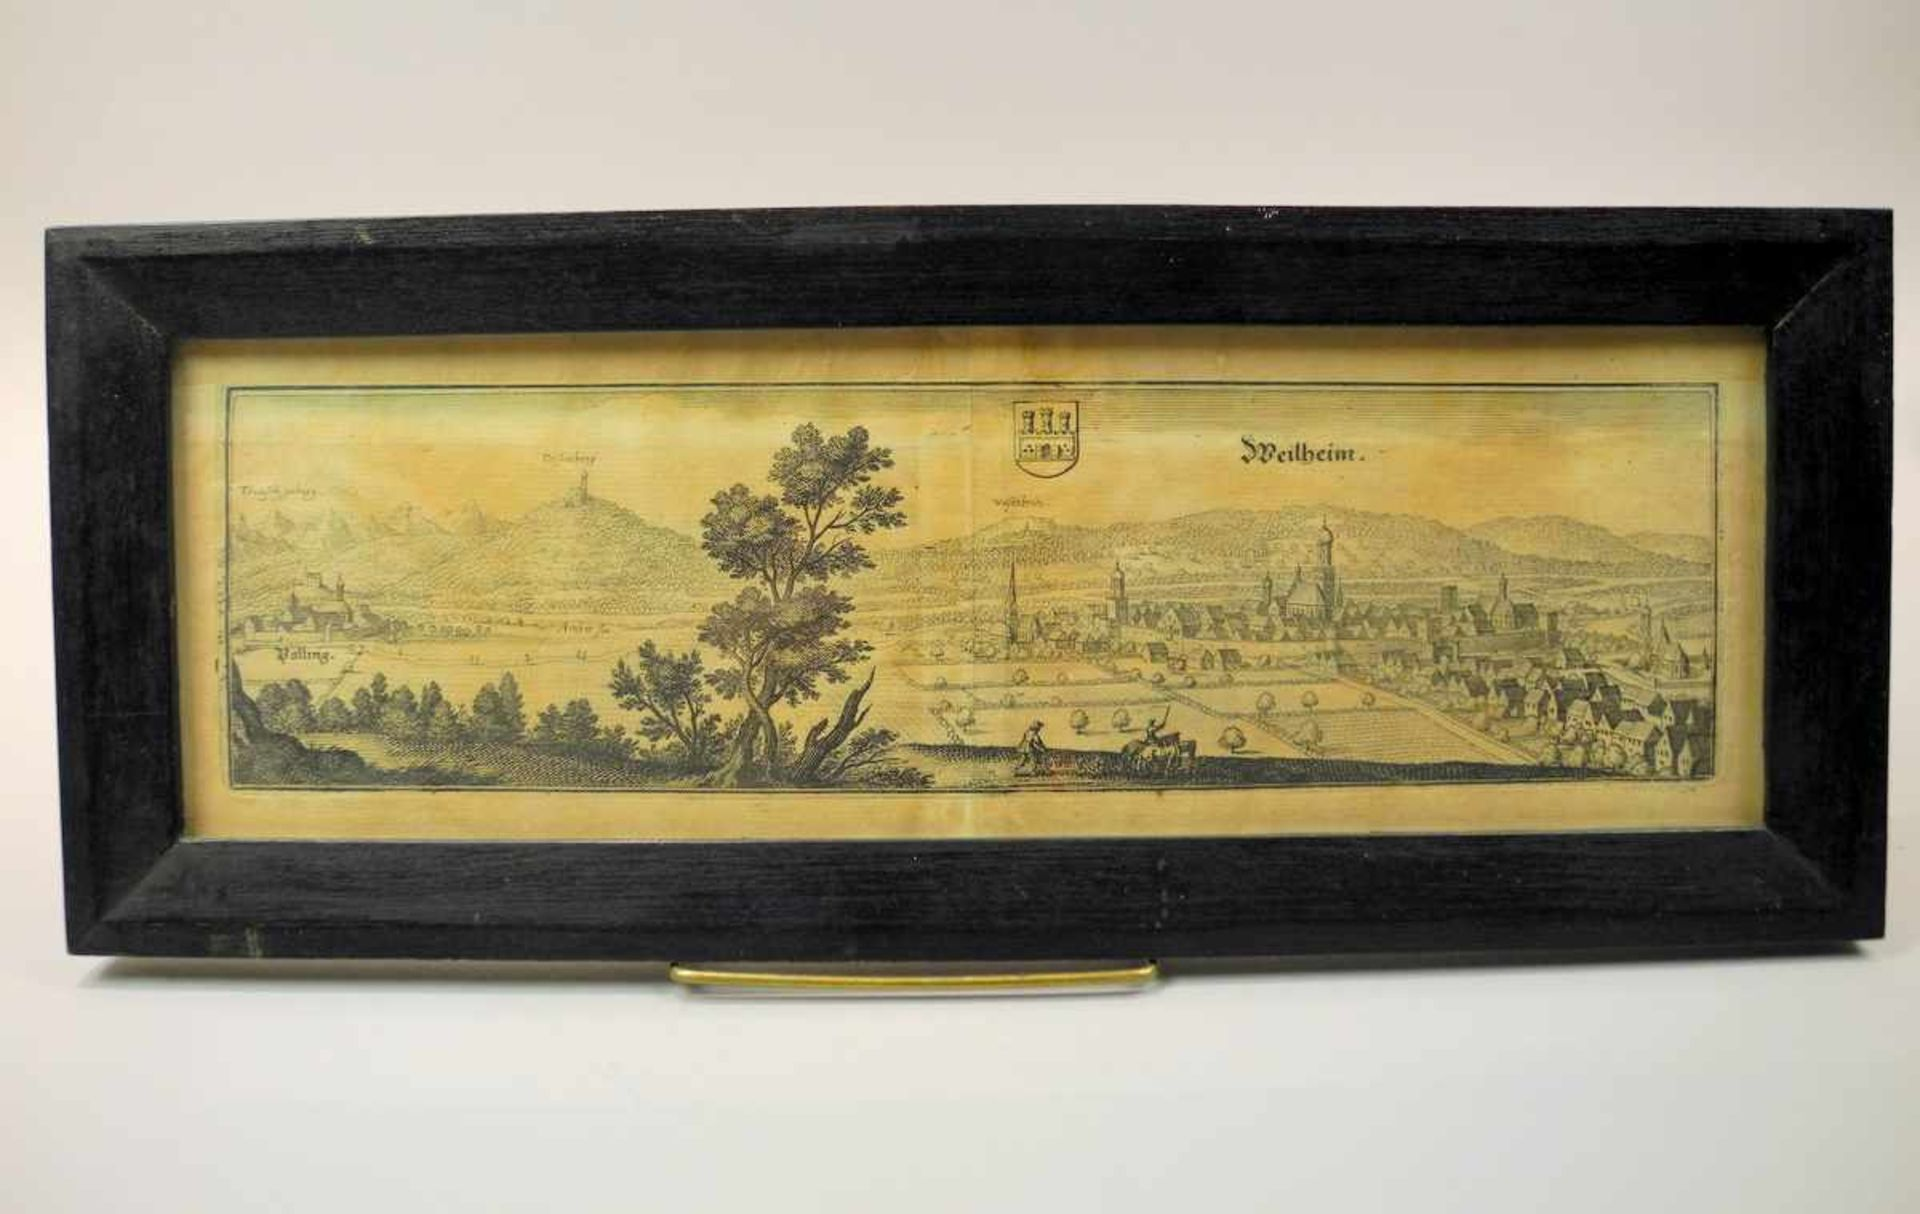 Ansicht von Weilheim Kupferstich/Papier, gerahmt. Gute Erhaltung. Deutschland, um 1800. H x B ca.